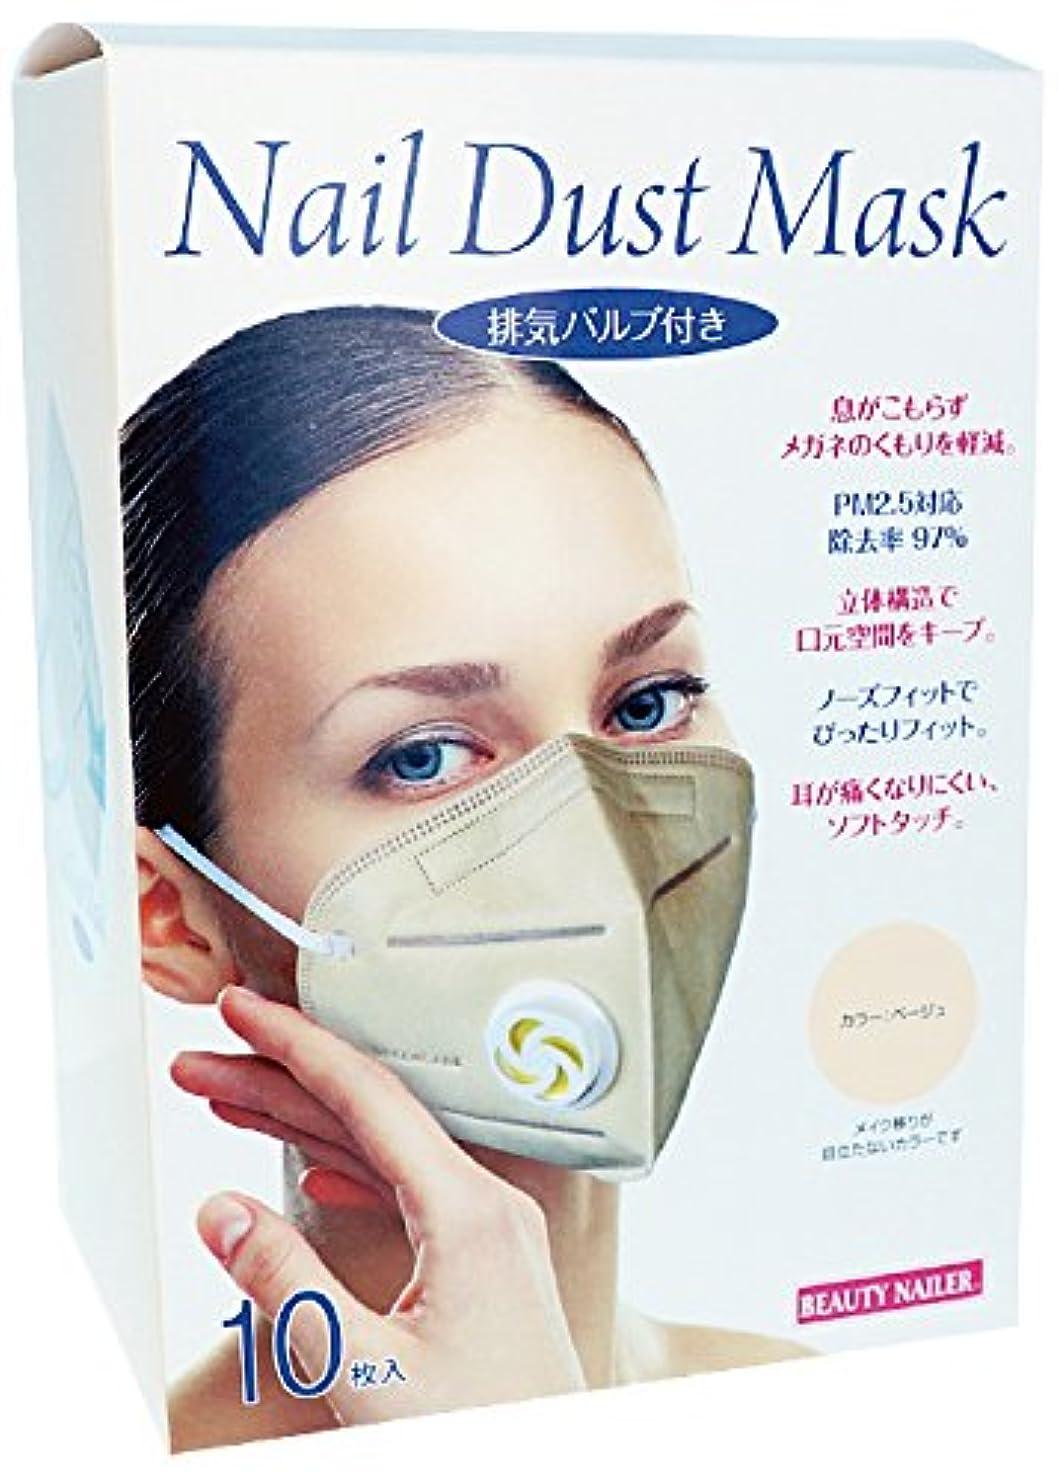 スナック風変わりな委託排気バルブ付き ネイルダストマスク(MASK-04)